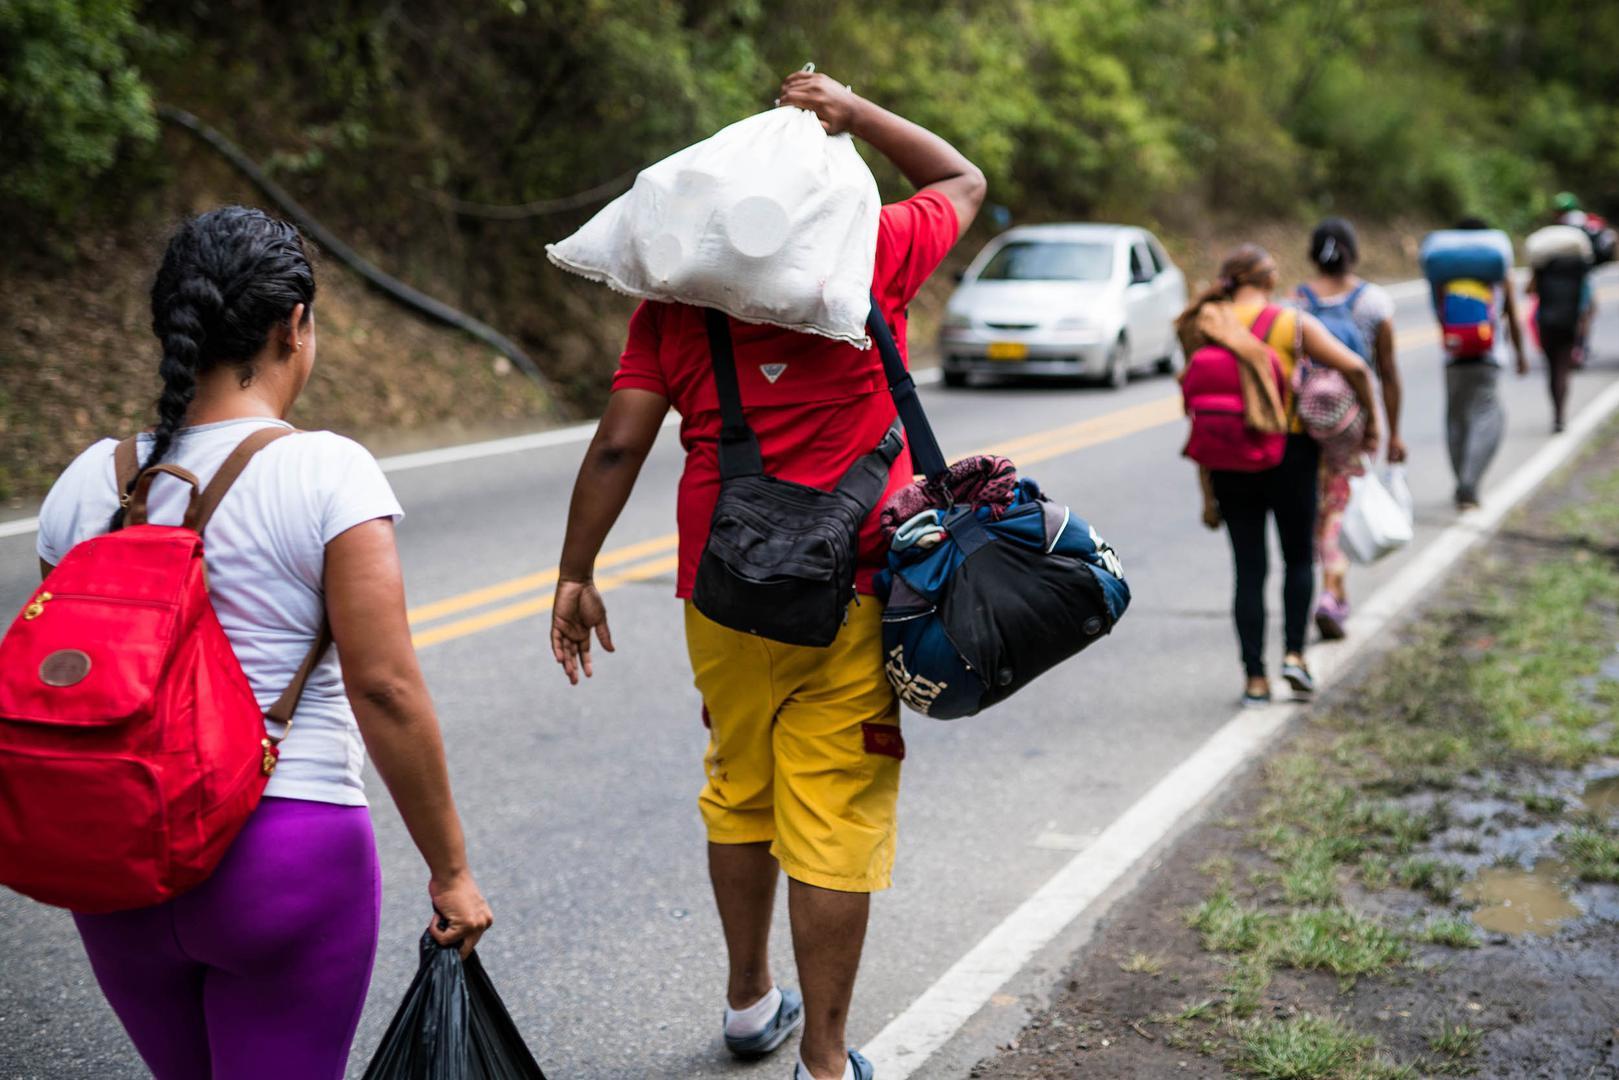 Venezuela un estado fallido ? - Página 19 201809americas_venezuela_photo1